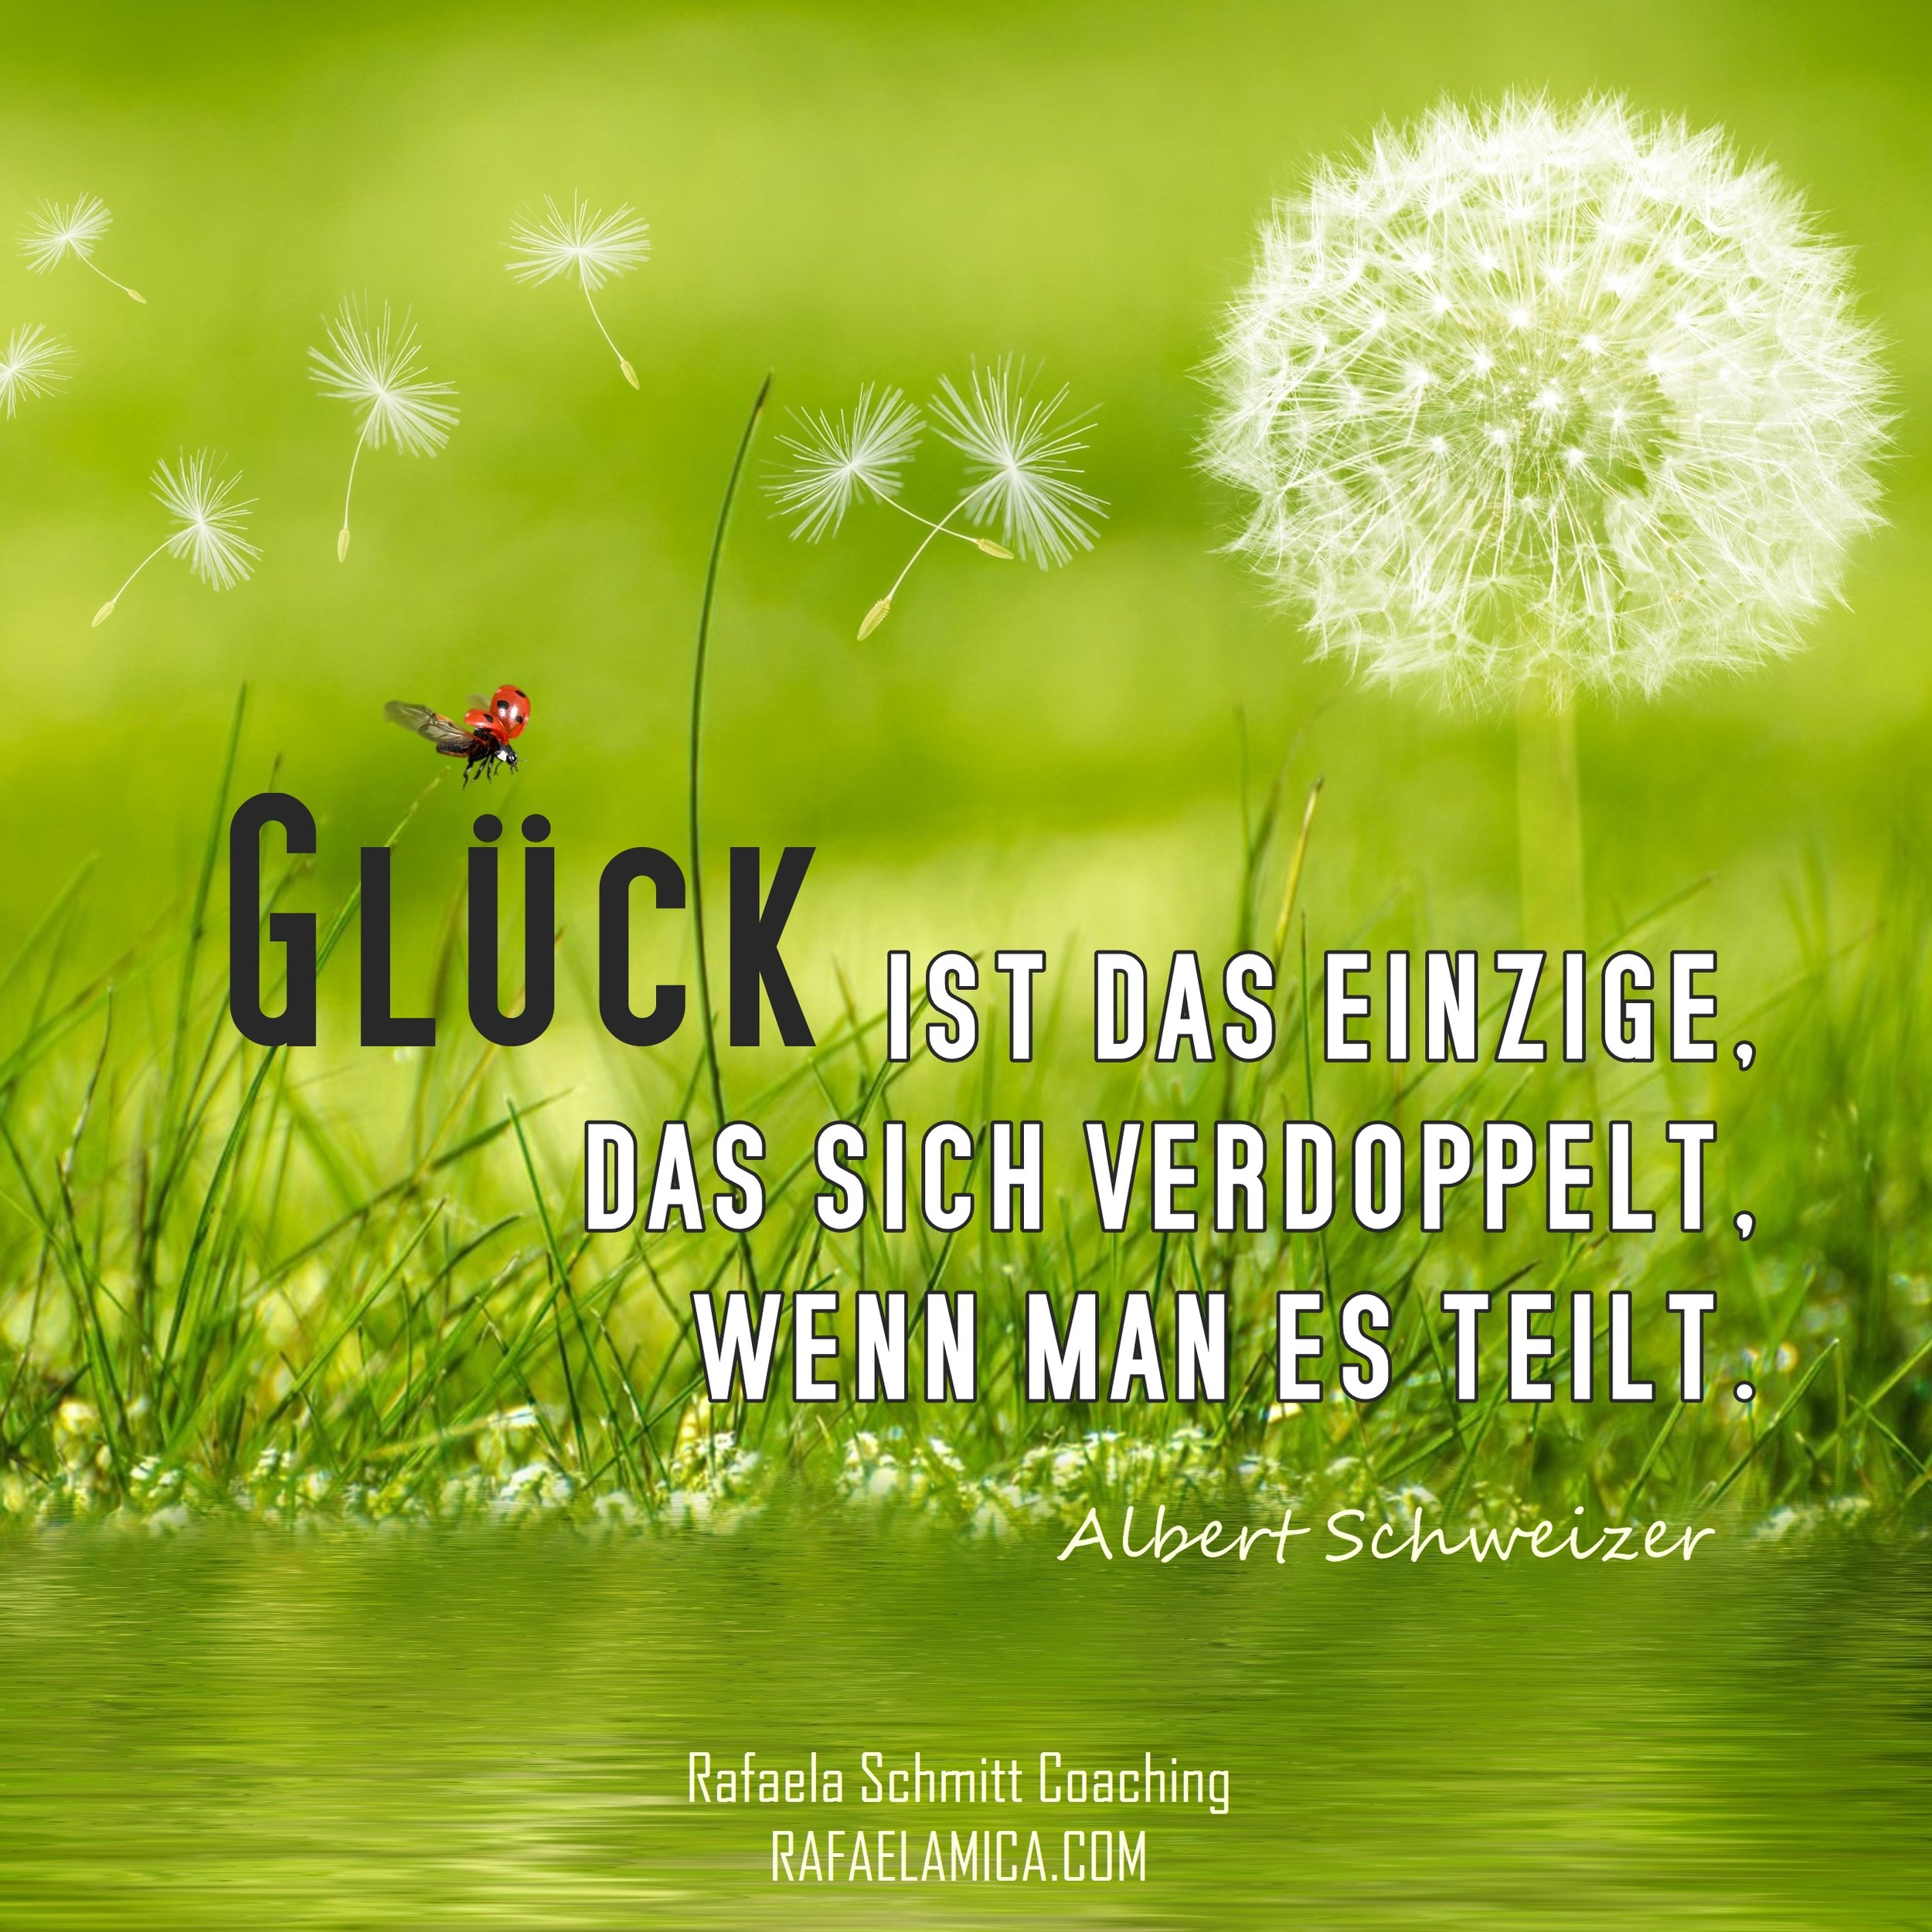 Albert Schweizer quote_Rafaela Schmitt Coaching.jpg